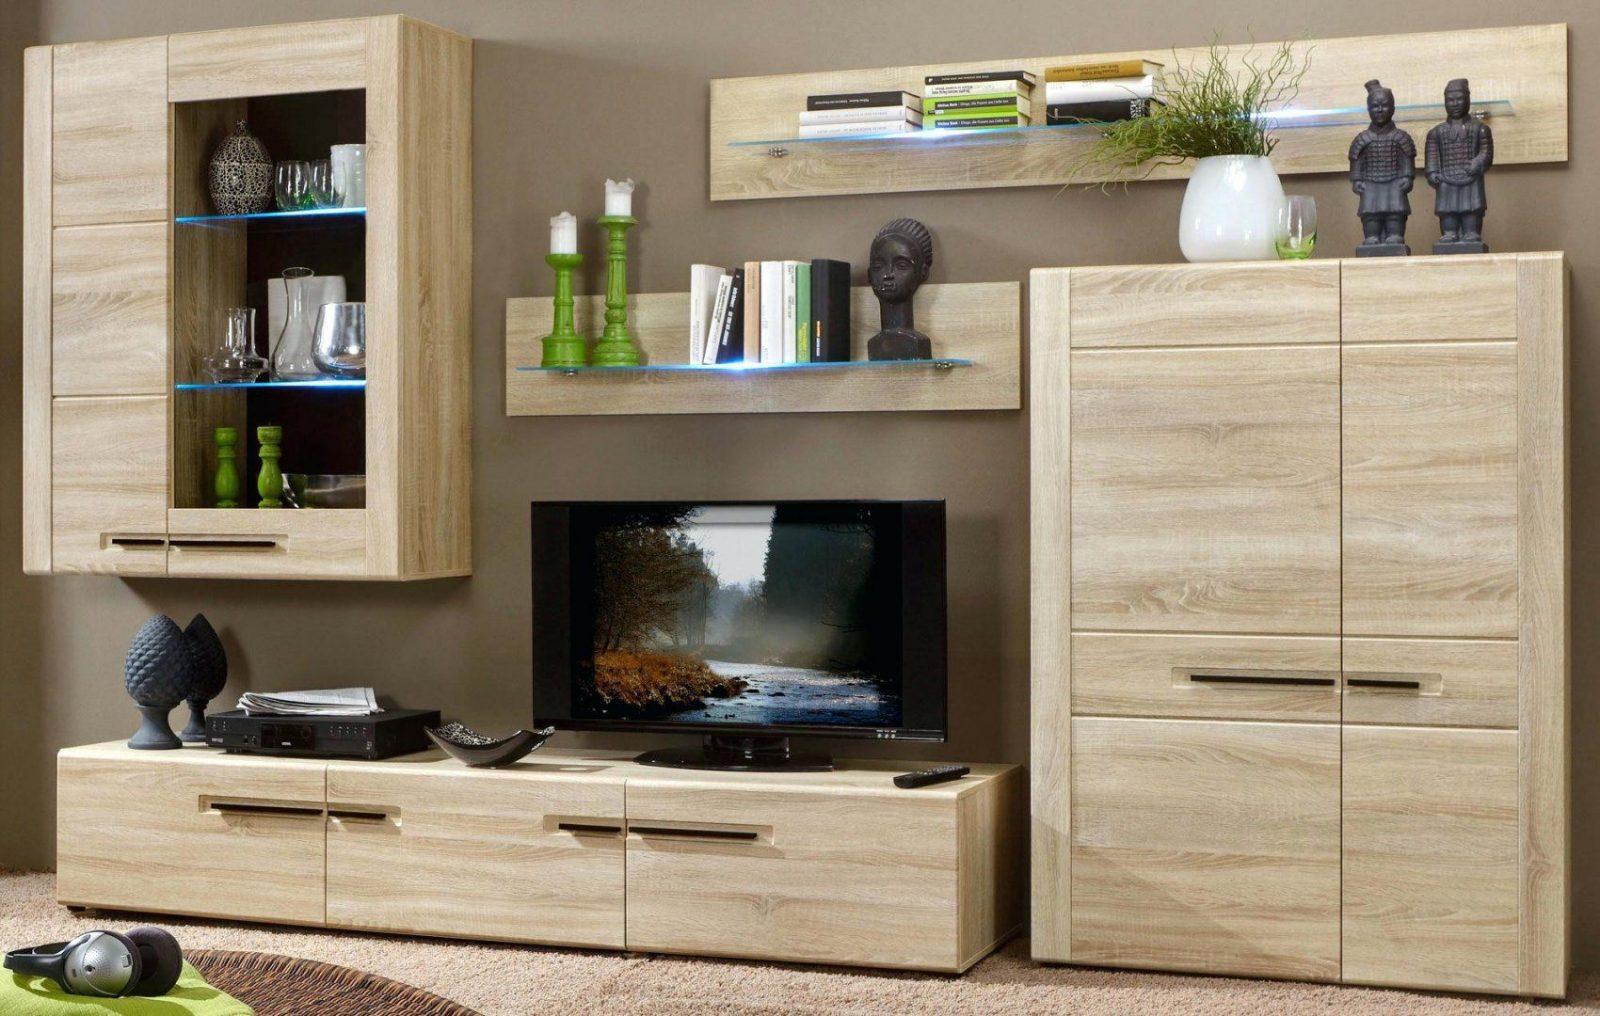 Wohnwand Selber Zusammenstellen Planen Mixit 9 Mit Ecklasung von Wohnzimmer Schrankwand Selbst Zusammenstellen Photo